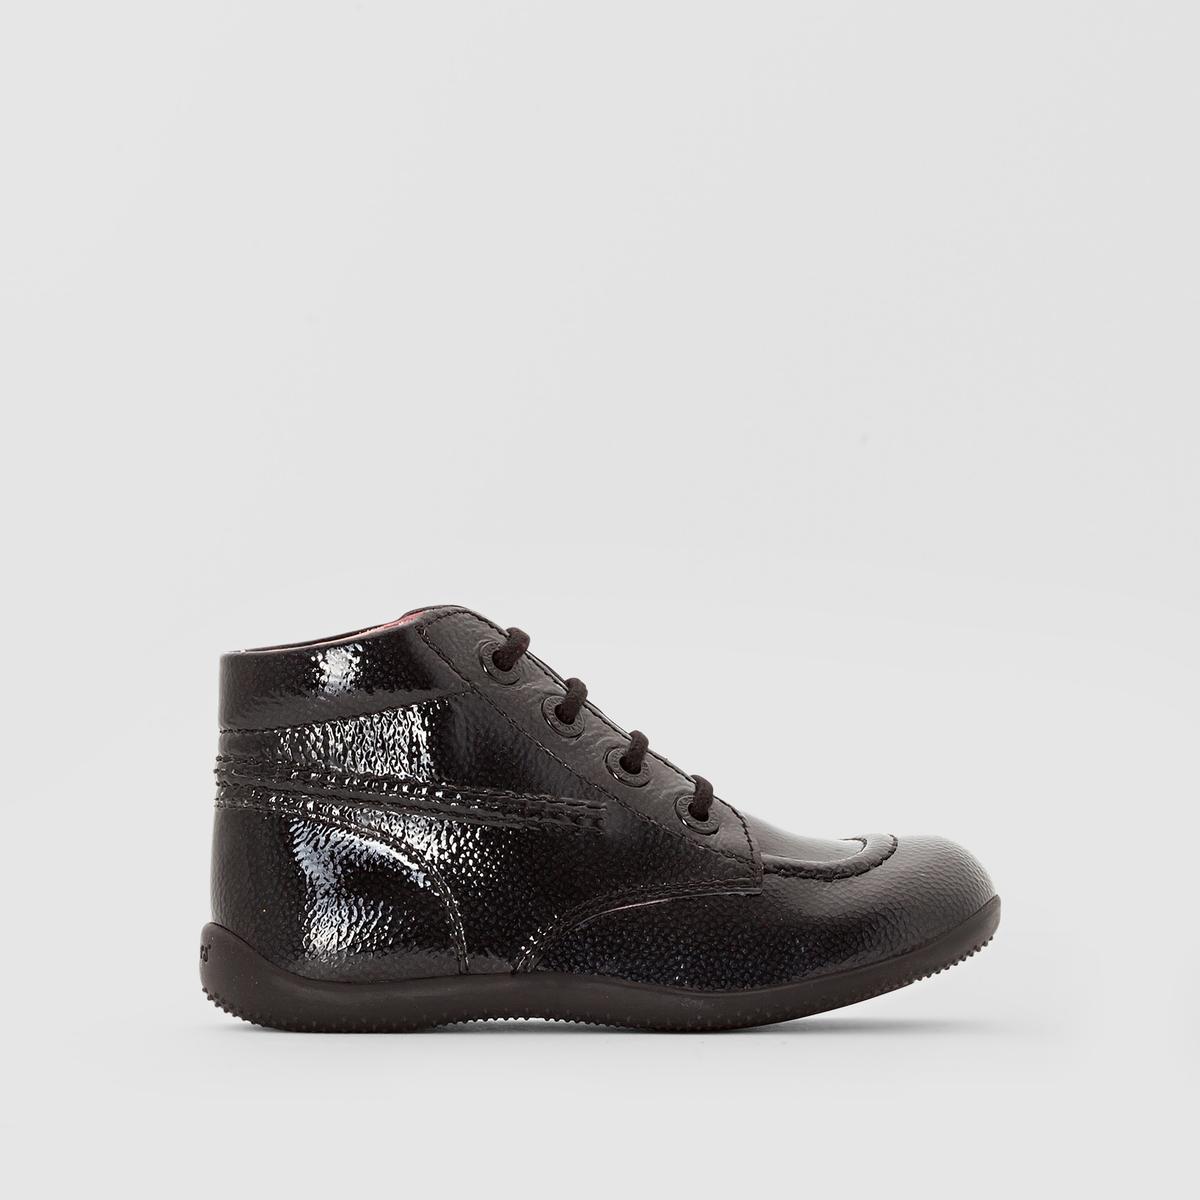 Ботинки BILLISTAПодкладка : Неотделанная кожа   Стелька : Неотделанная кожа   Подошва : Каучук   Высота каблука : 5 смЗастежка : Шнуровка<br><br>Цвет: бордовый,Черный лак